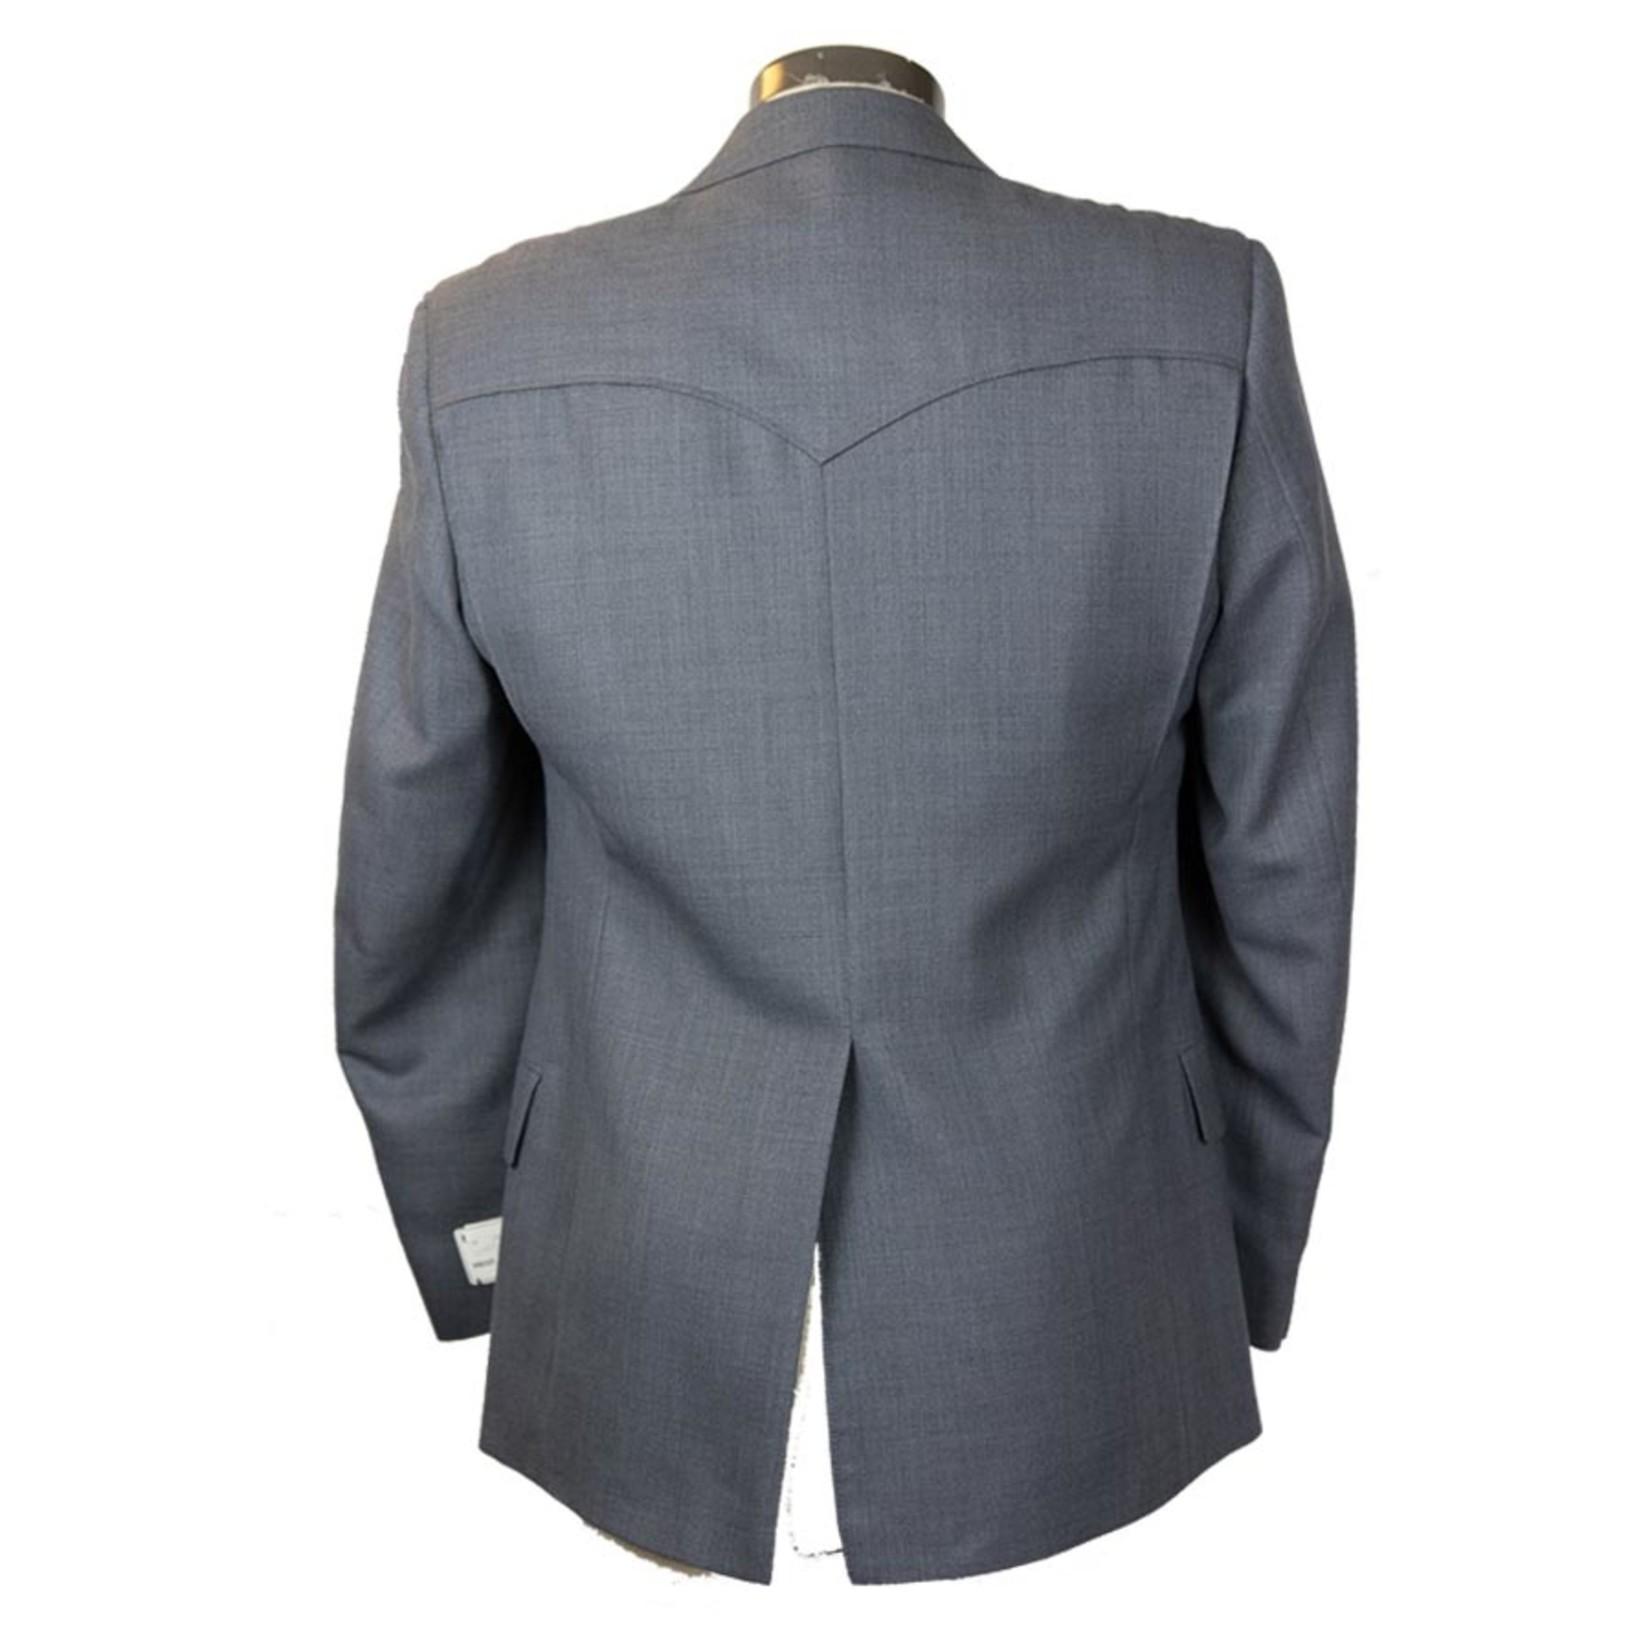 Dallas Vintage Suit Jacket - Size 40 - #13